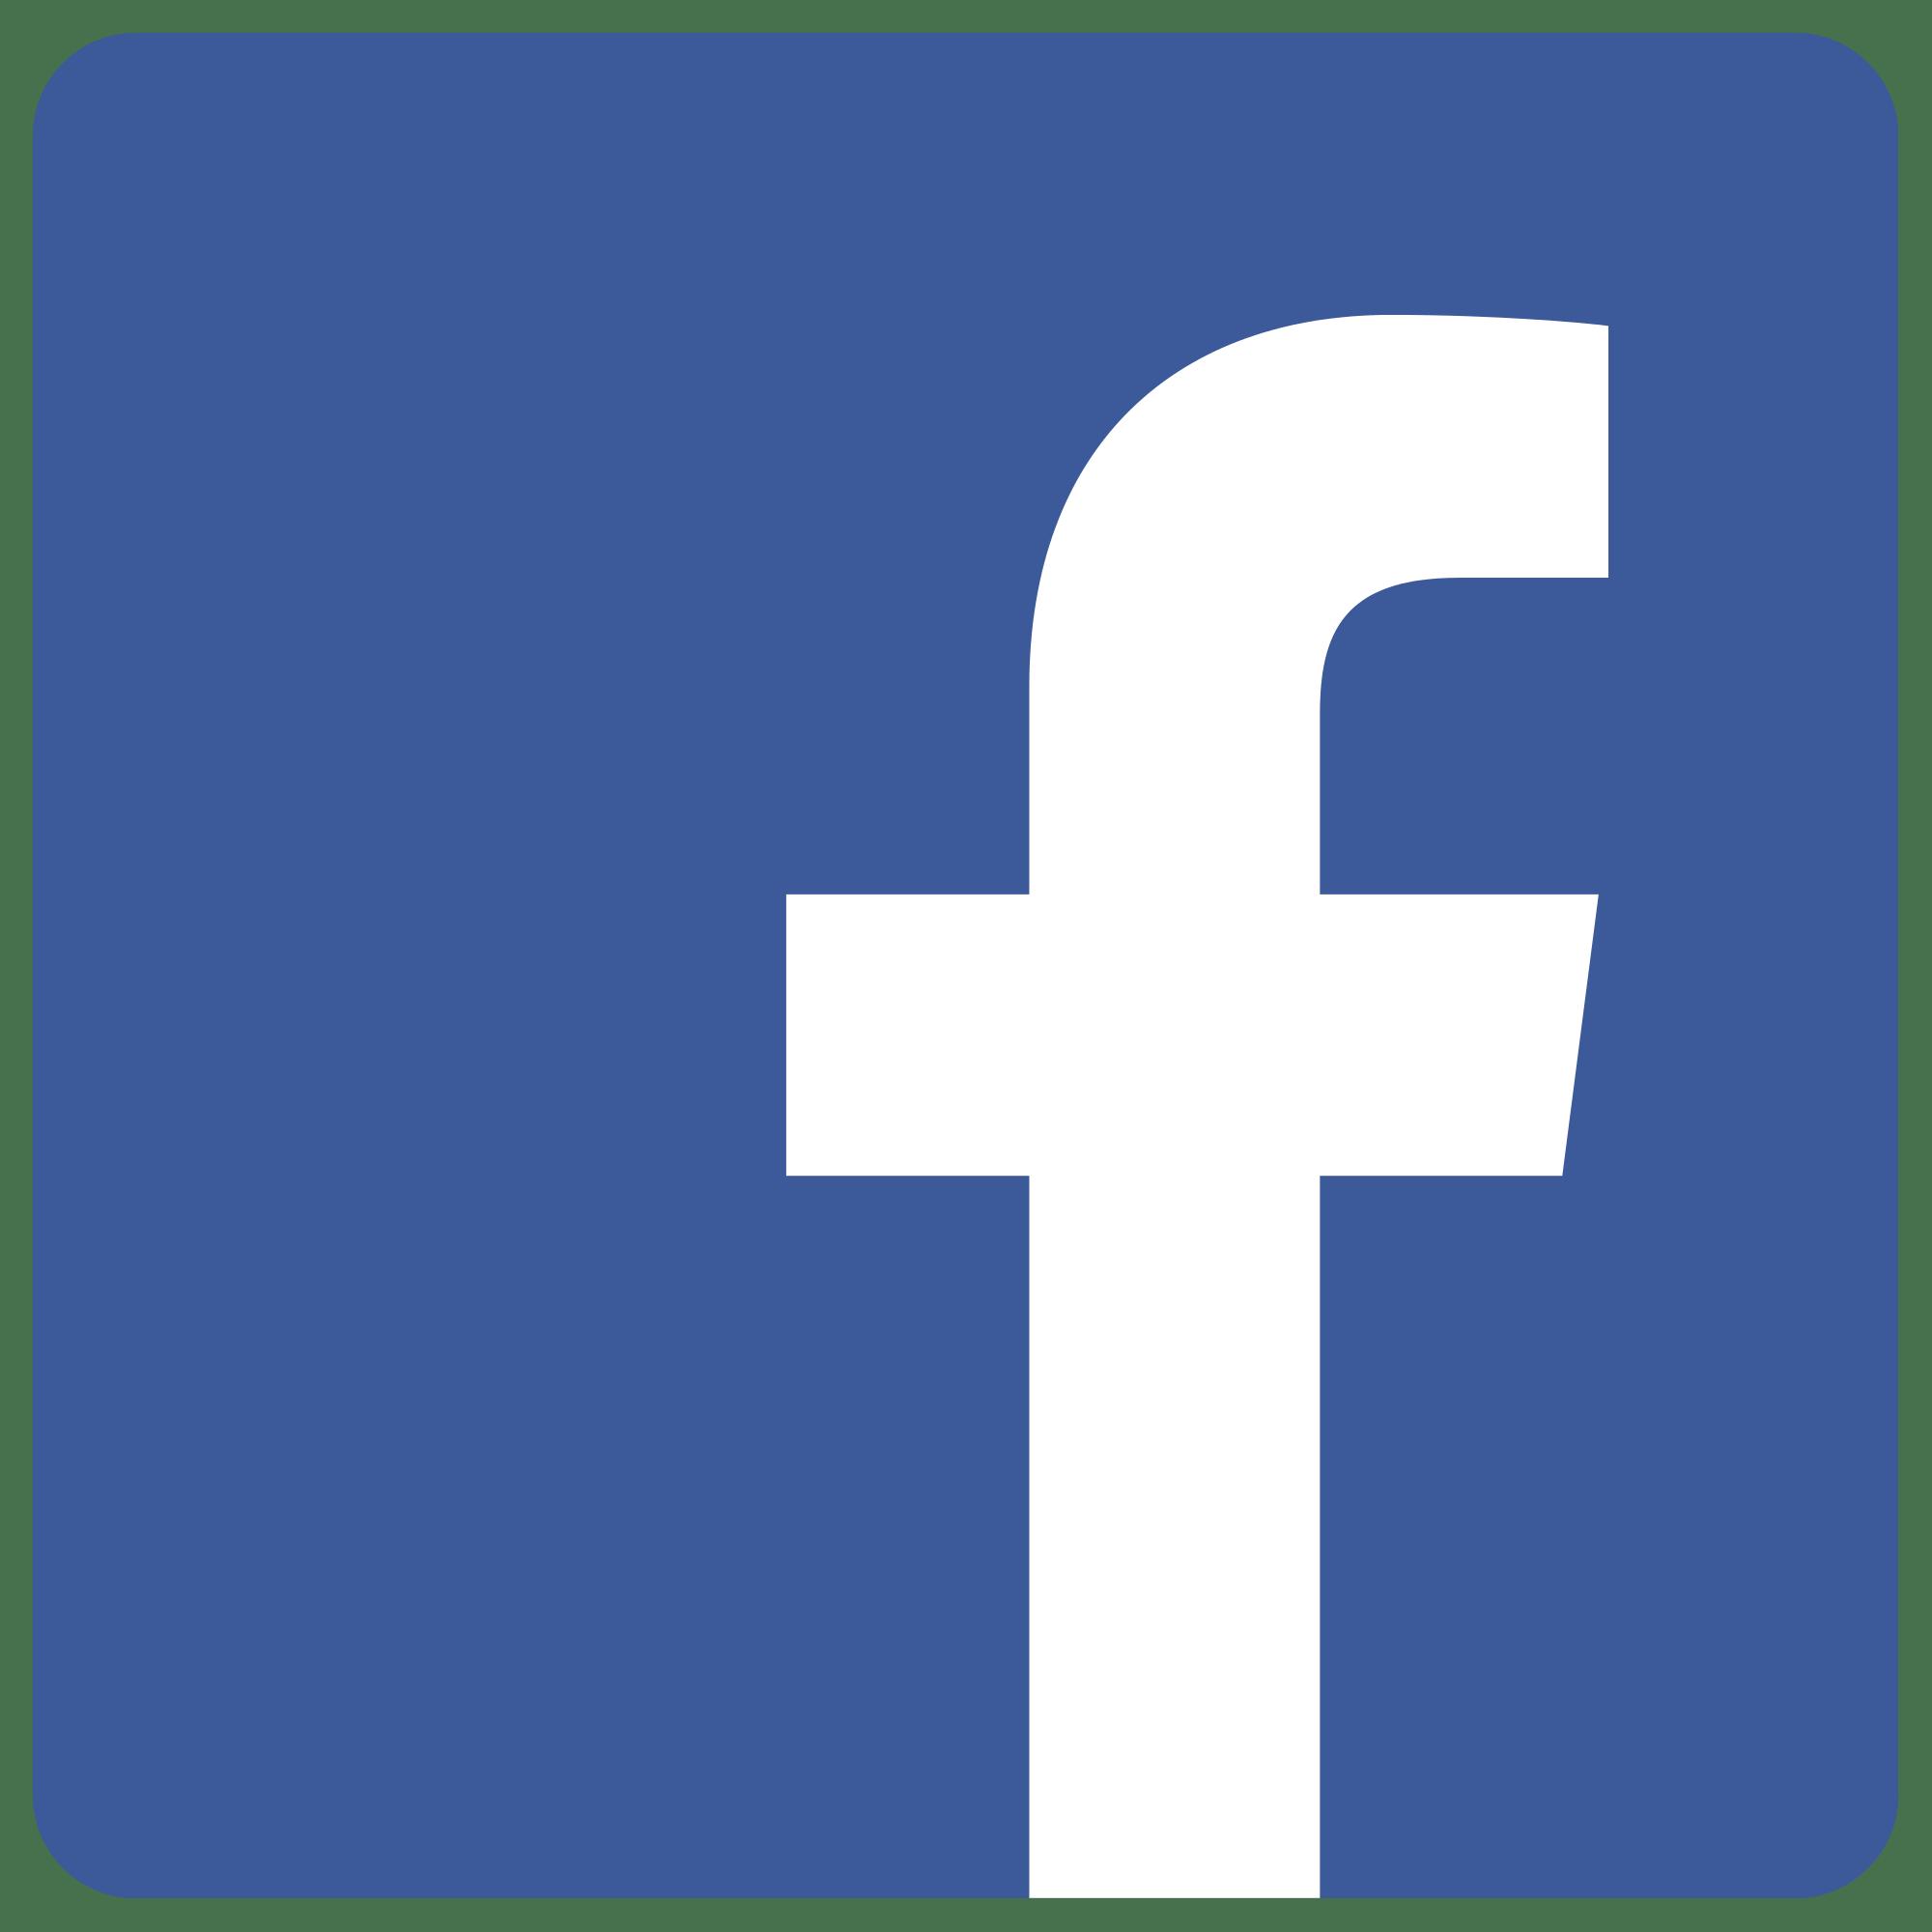 find us on facebook high res logos rh pandarestaurant us high resolution facebook icon high resolution facebook logo eps